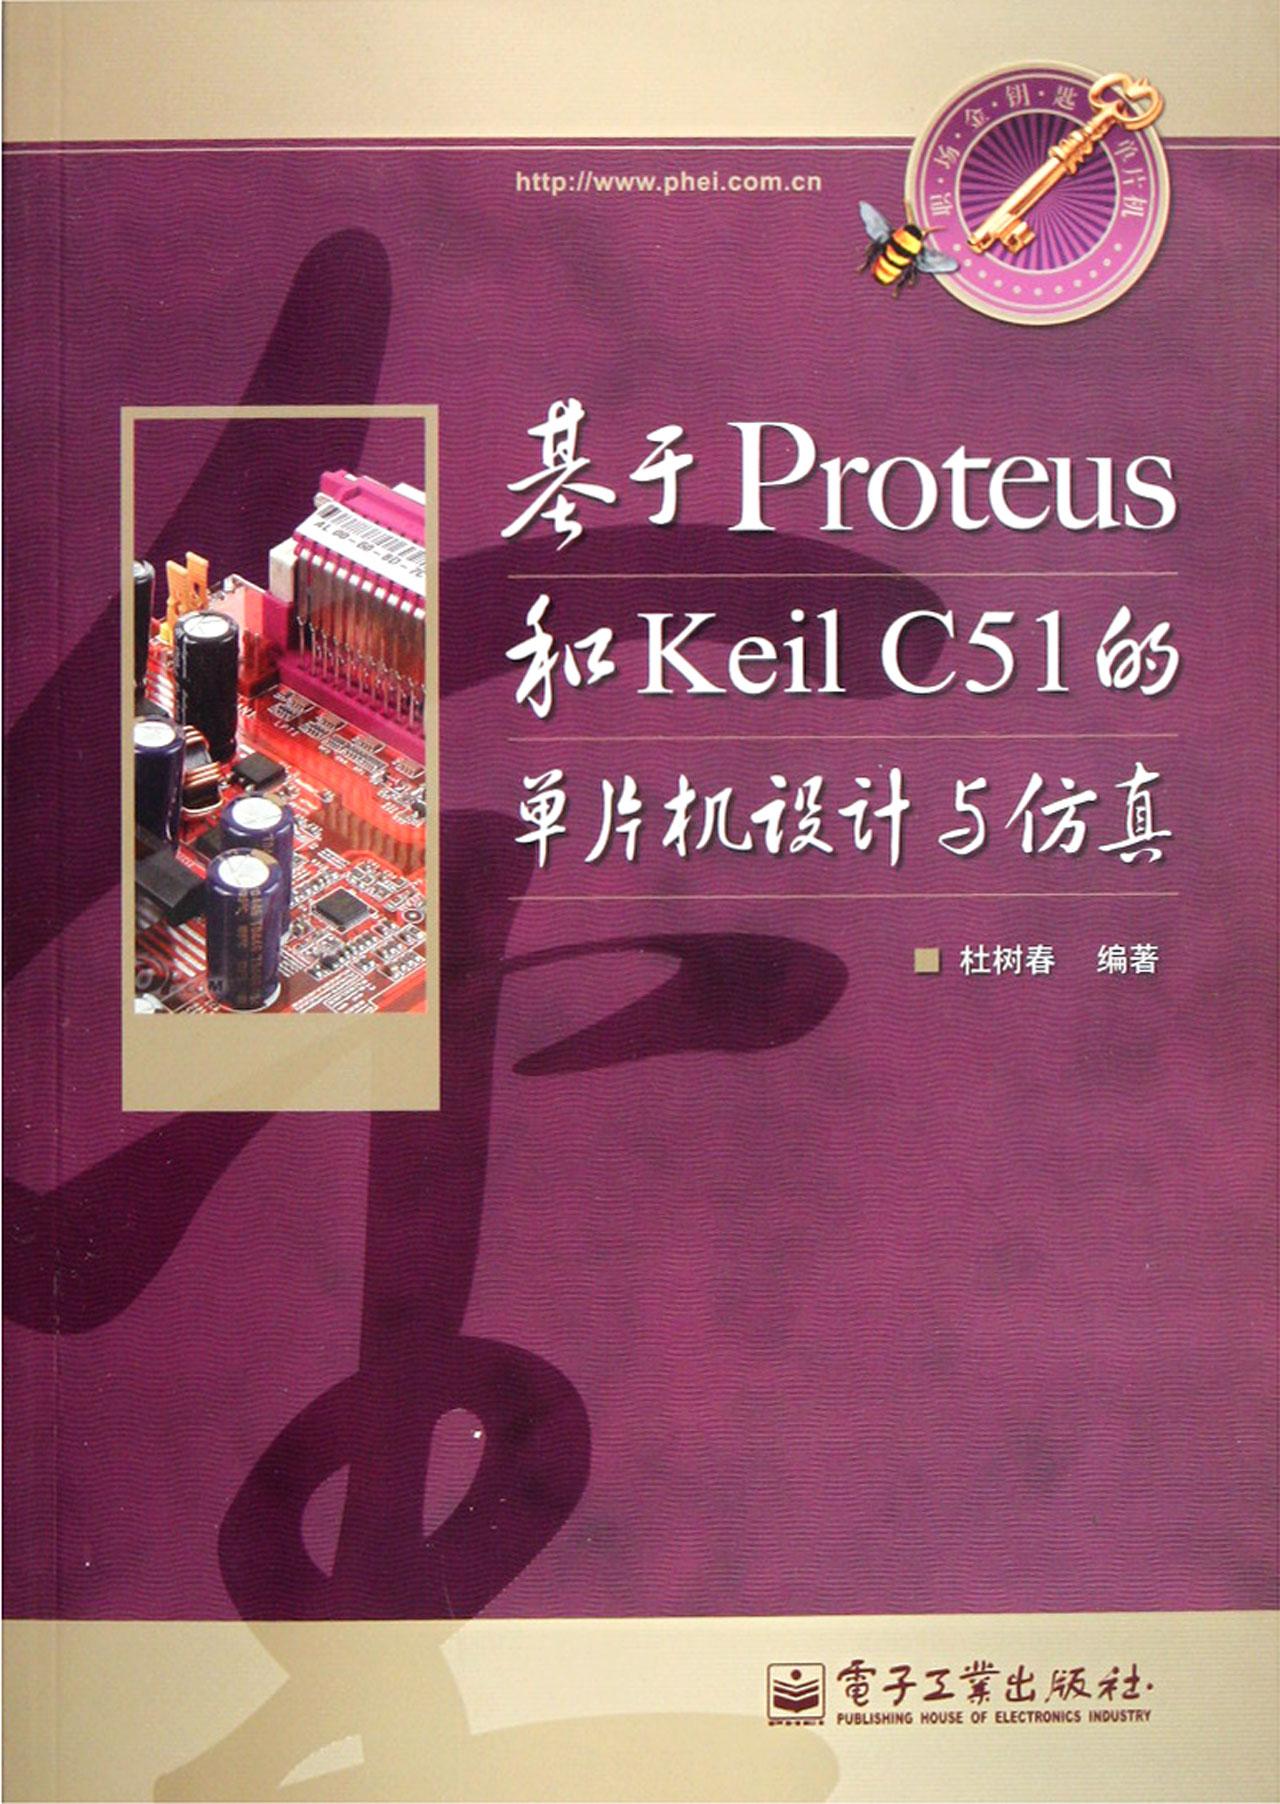 基于proteus和keil c51的单片机设计与仿真